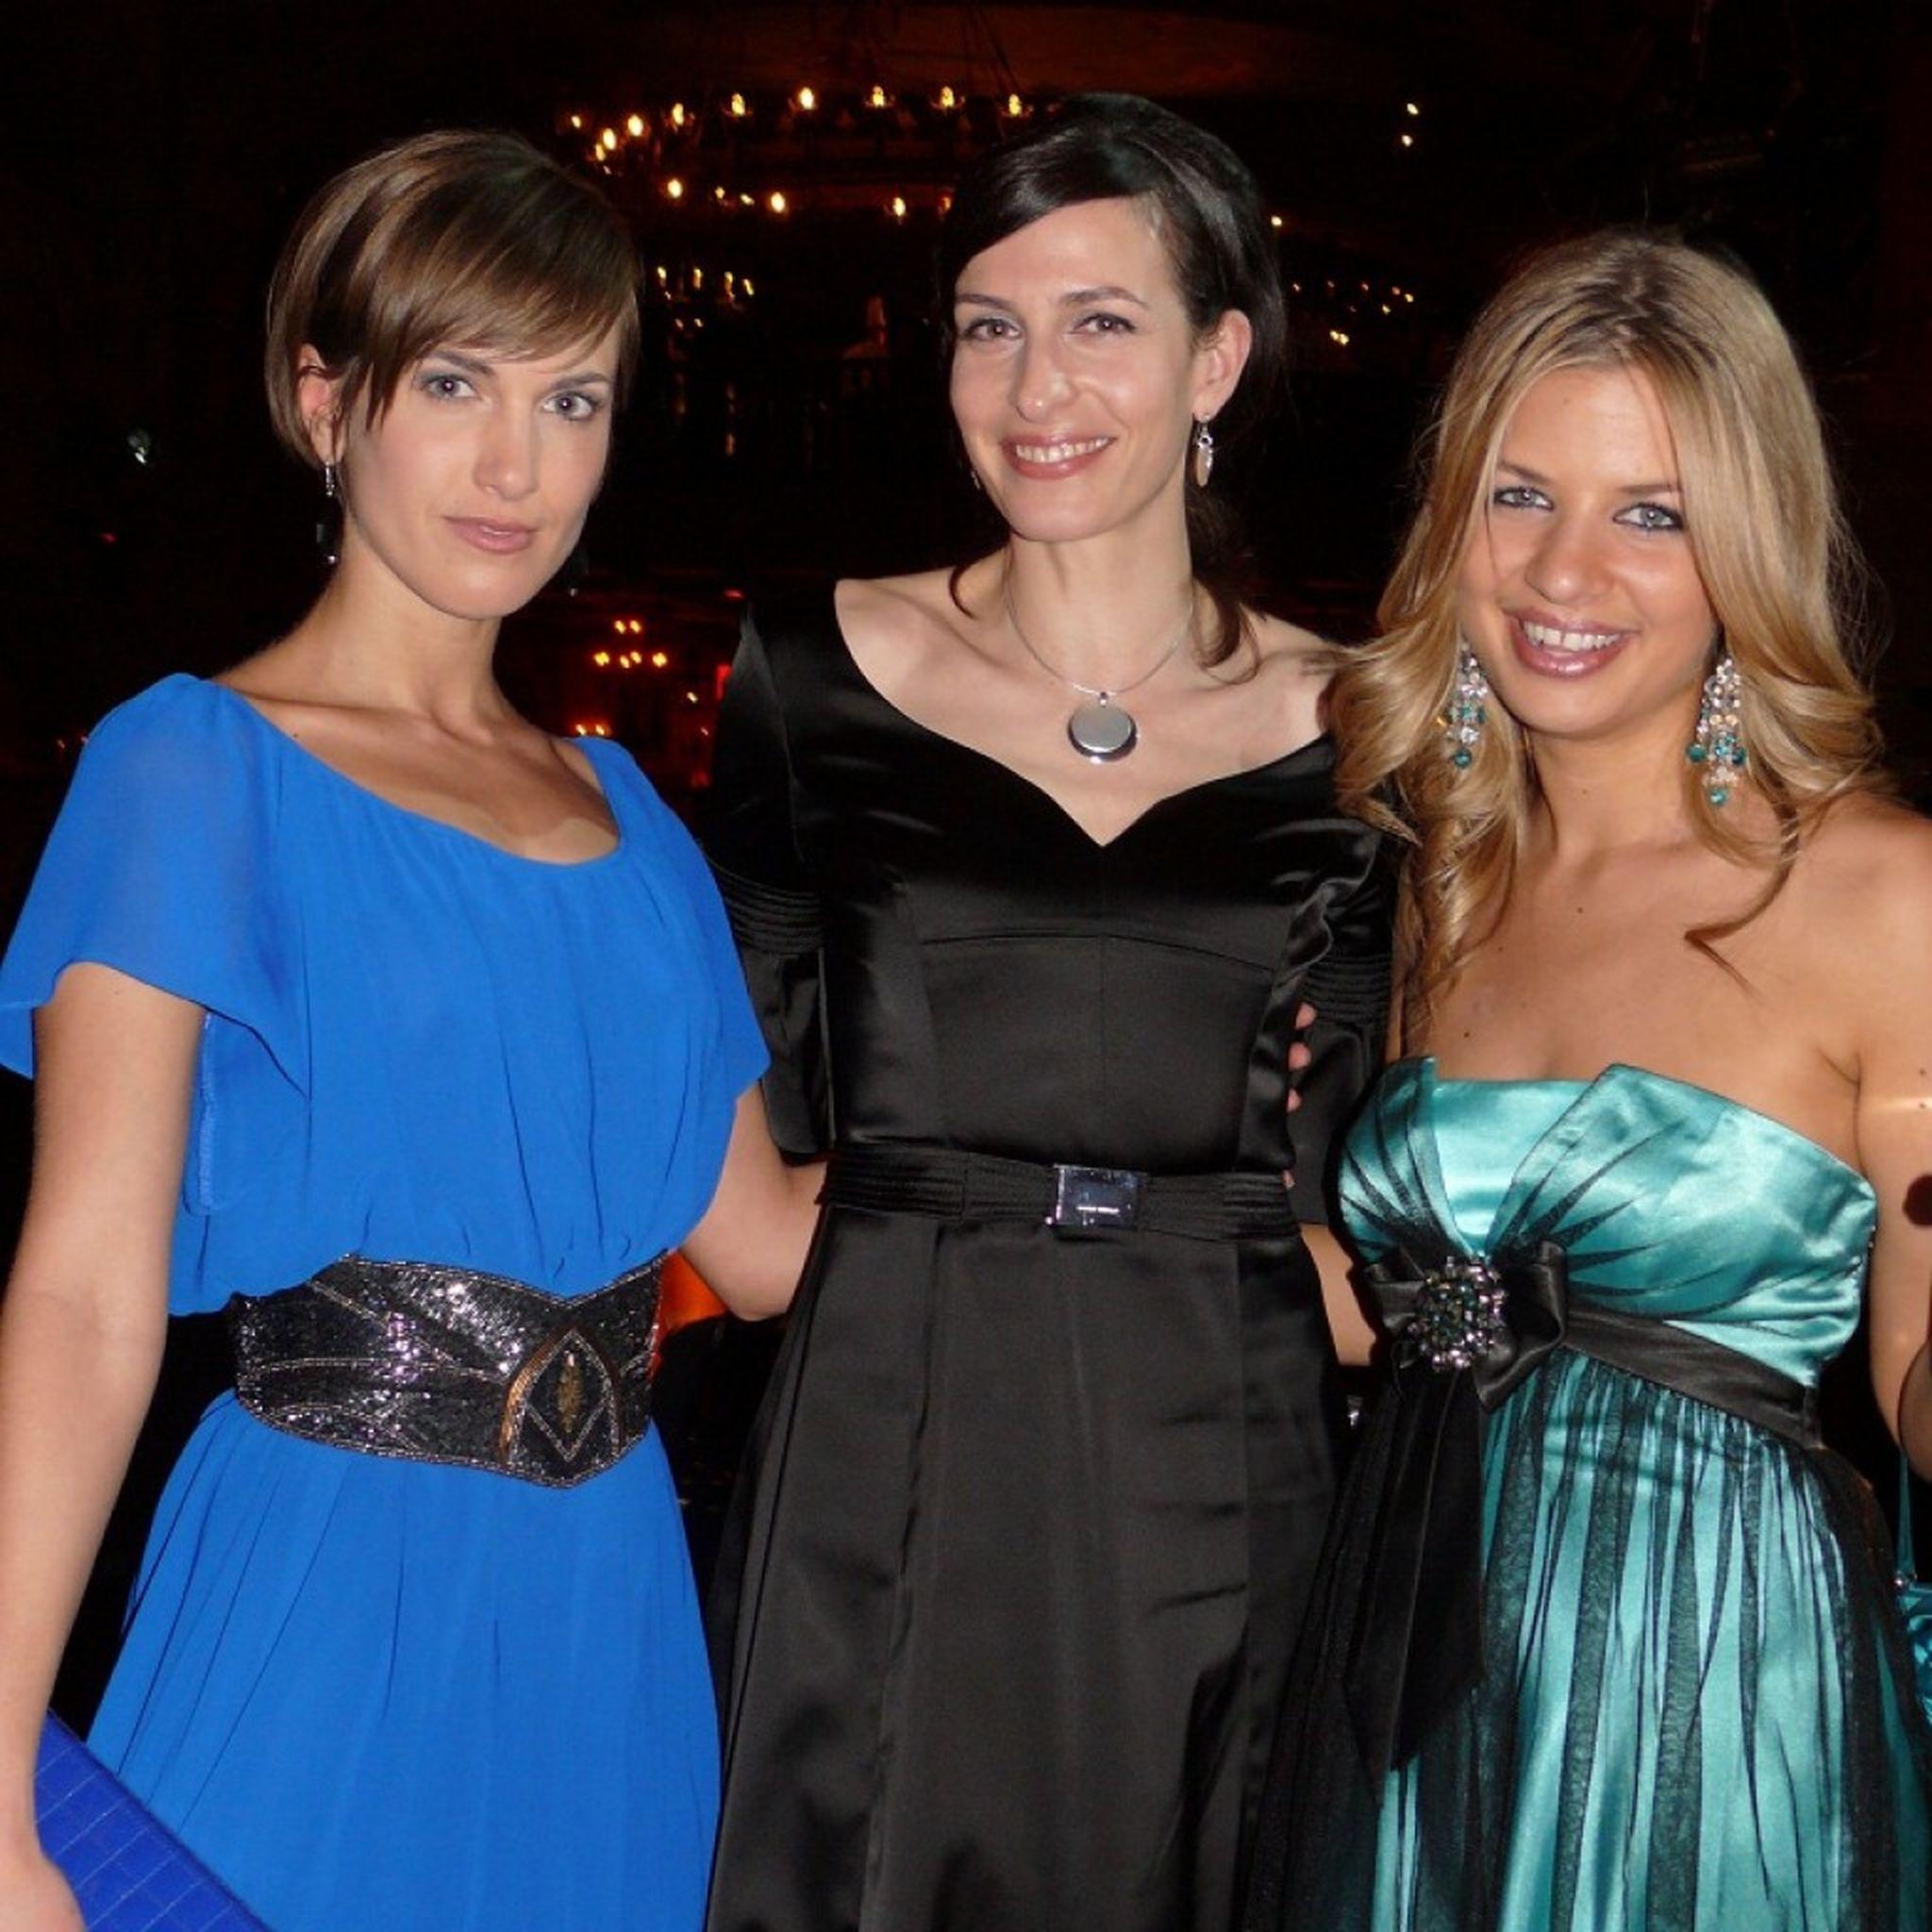 https://www.promiflash.de/news/2011/12/31/diese-ladys-sangen-2011 ...